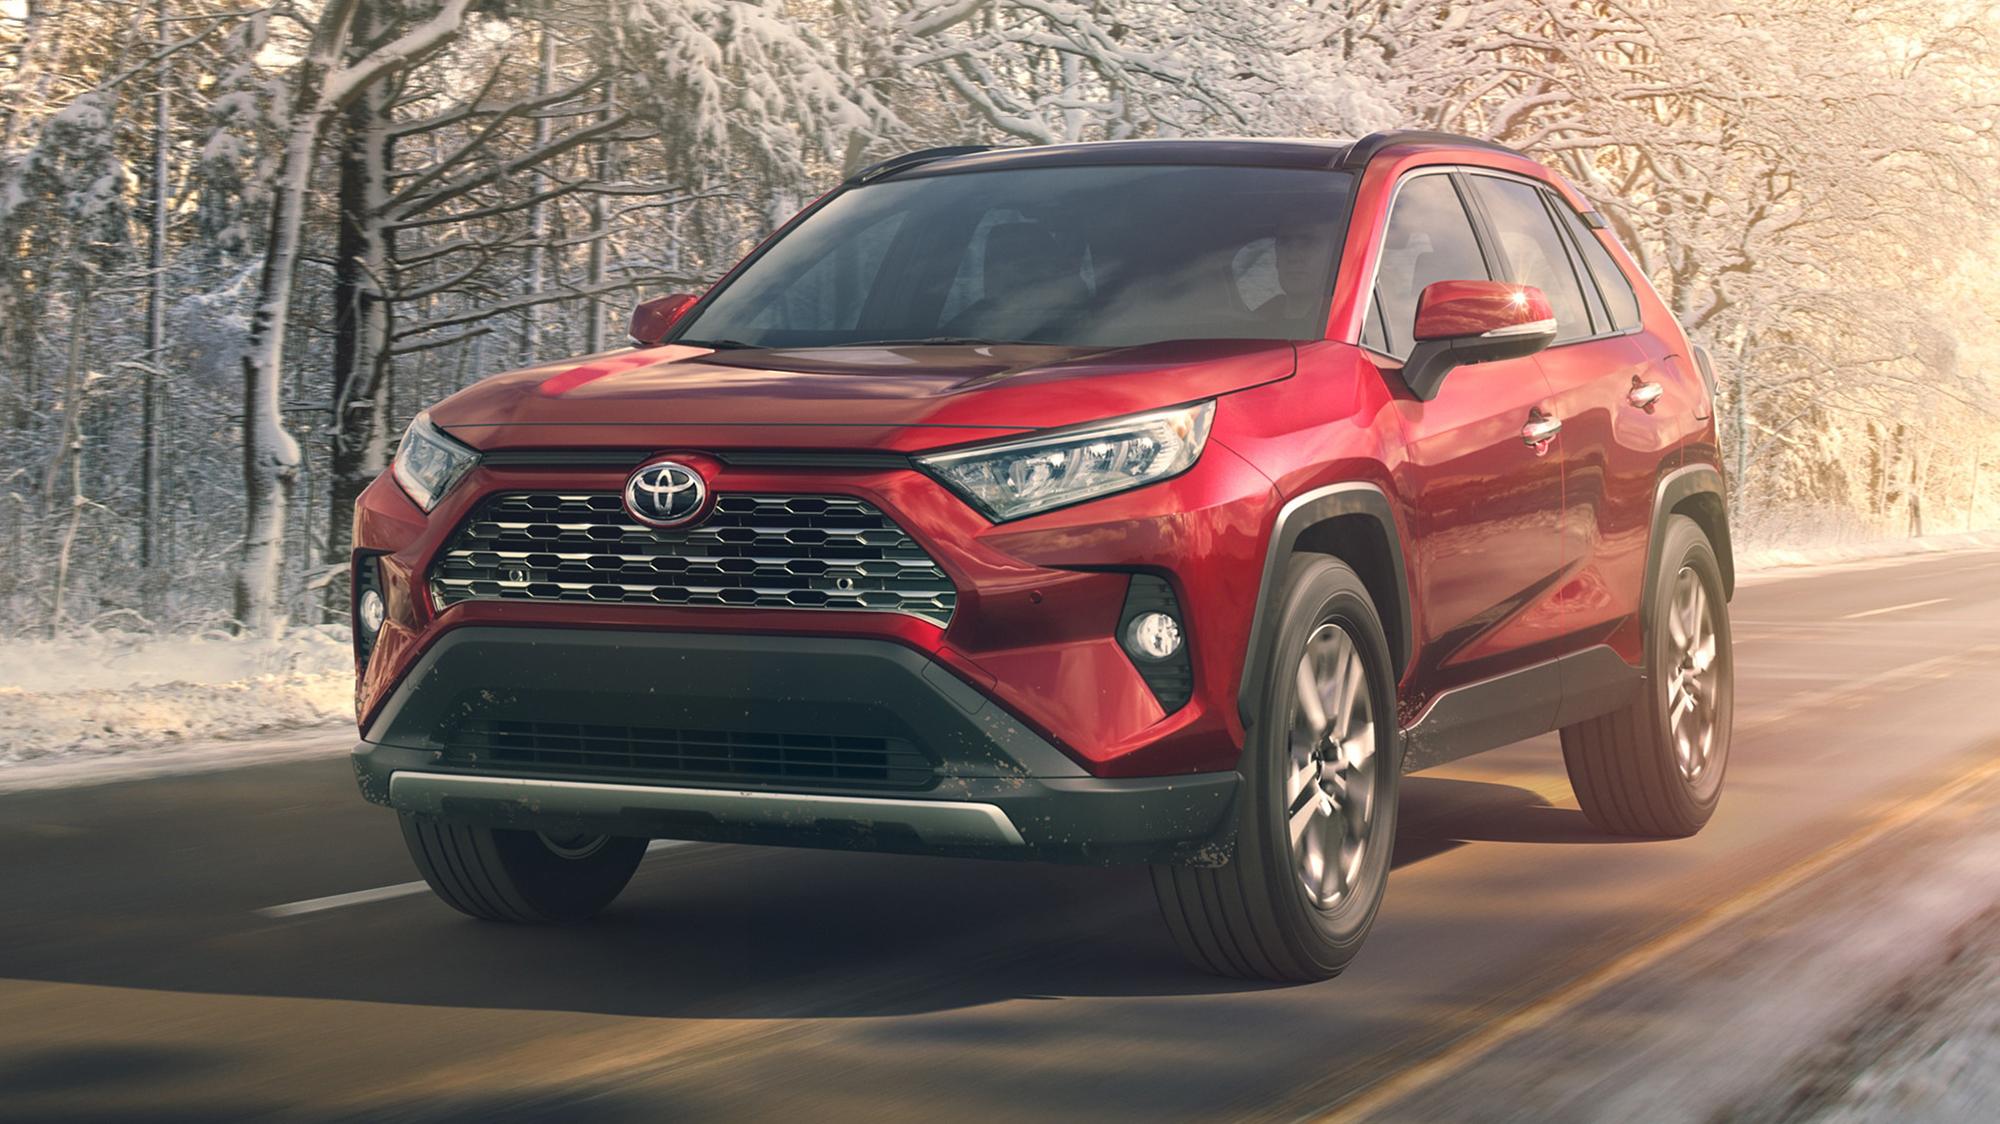 2019 Toyota Rav4 Australian Details Revealed Caradvice